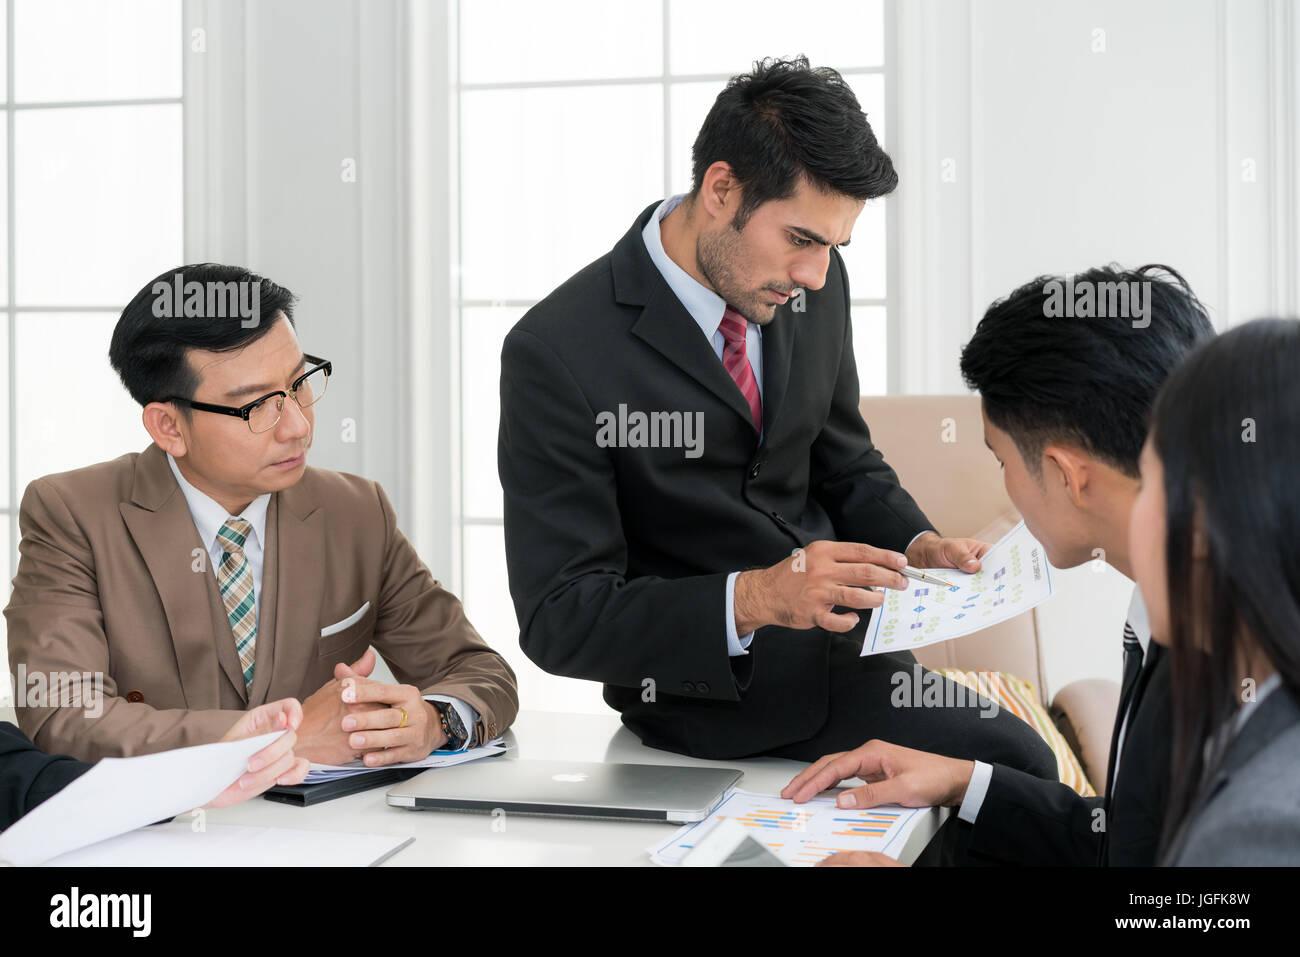 Smart manager asiatique expliquant réunion interne à son équipe de projet dans un bureau moderne. Photo Stock